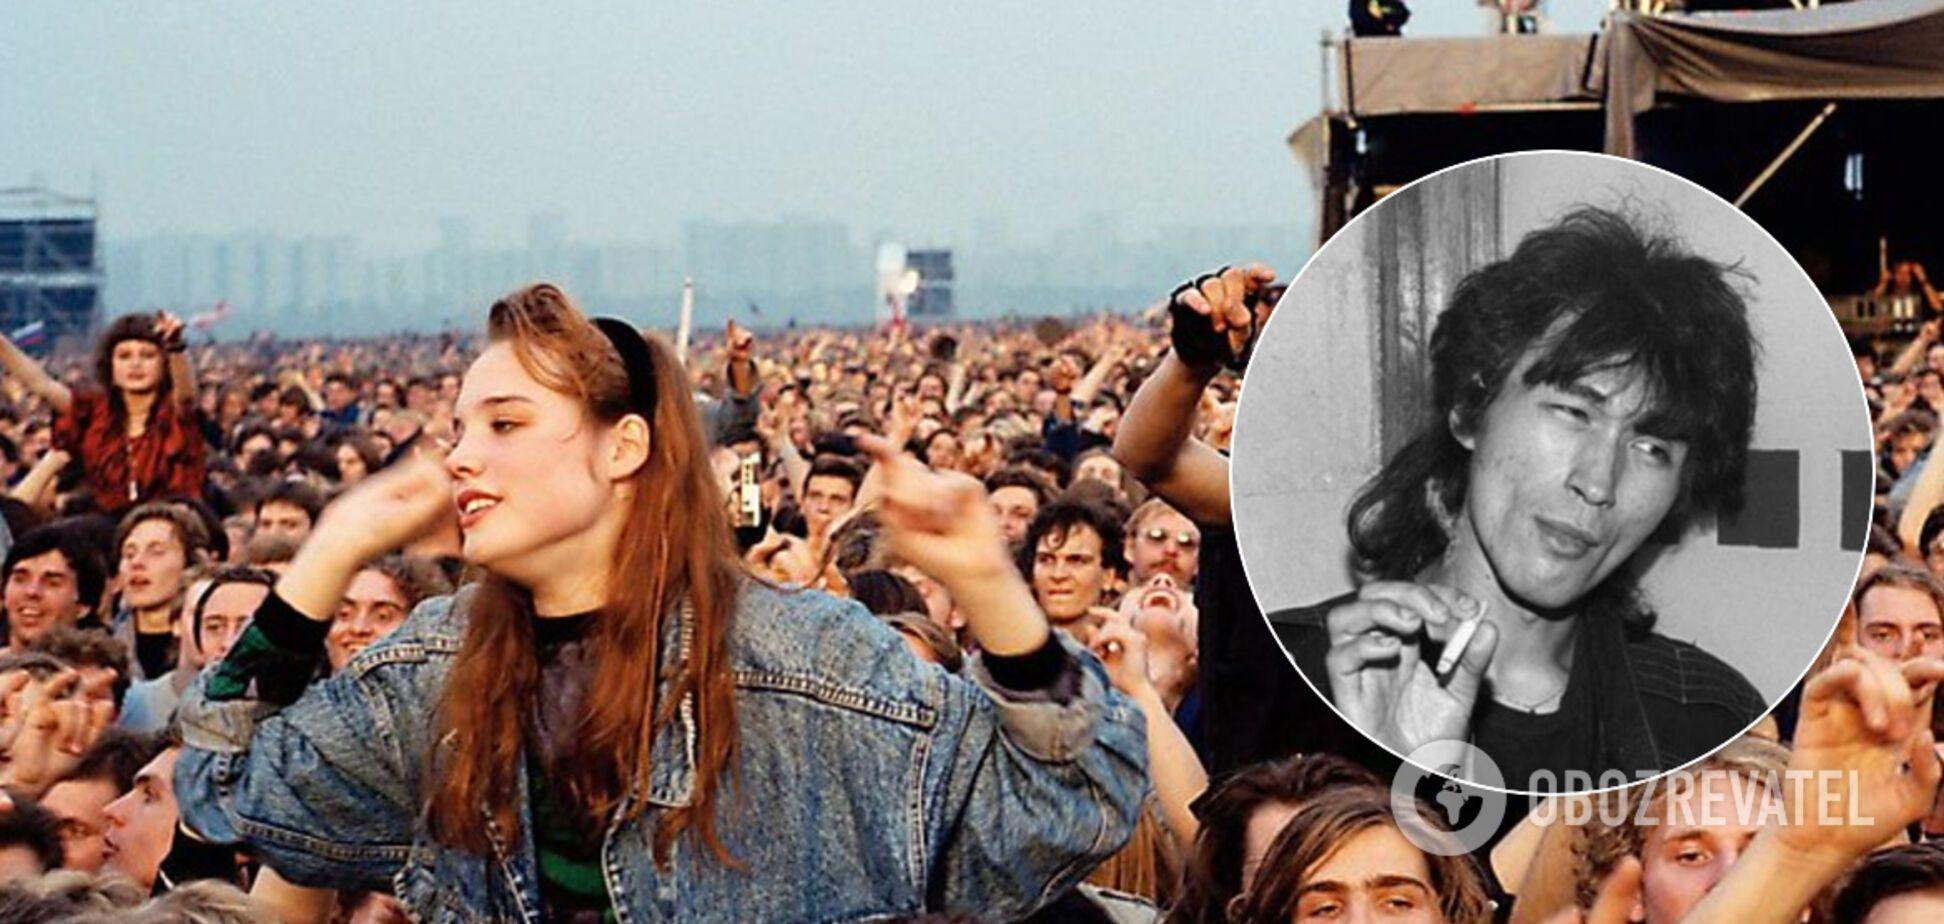 Чому в СРСР забороняли музику (Колаж)